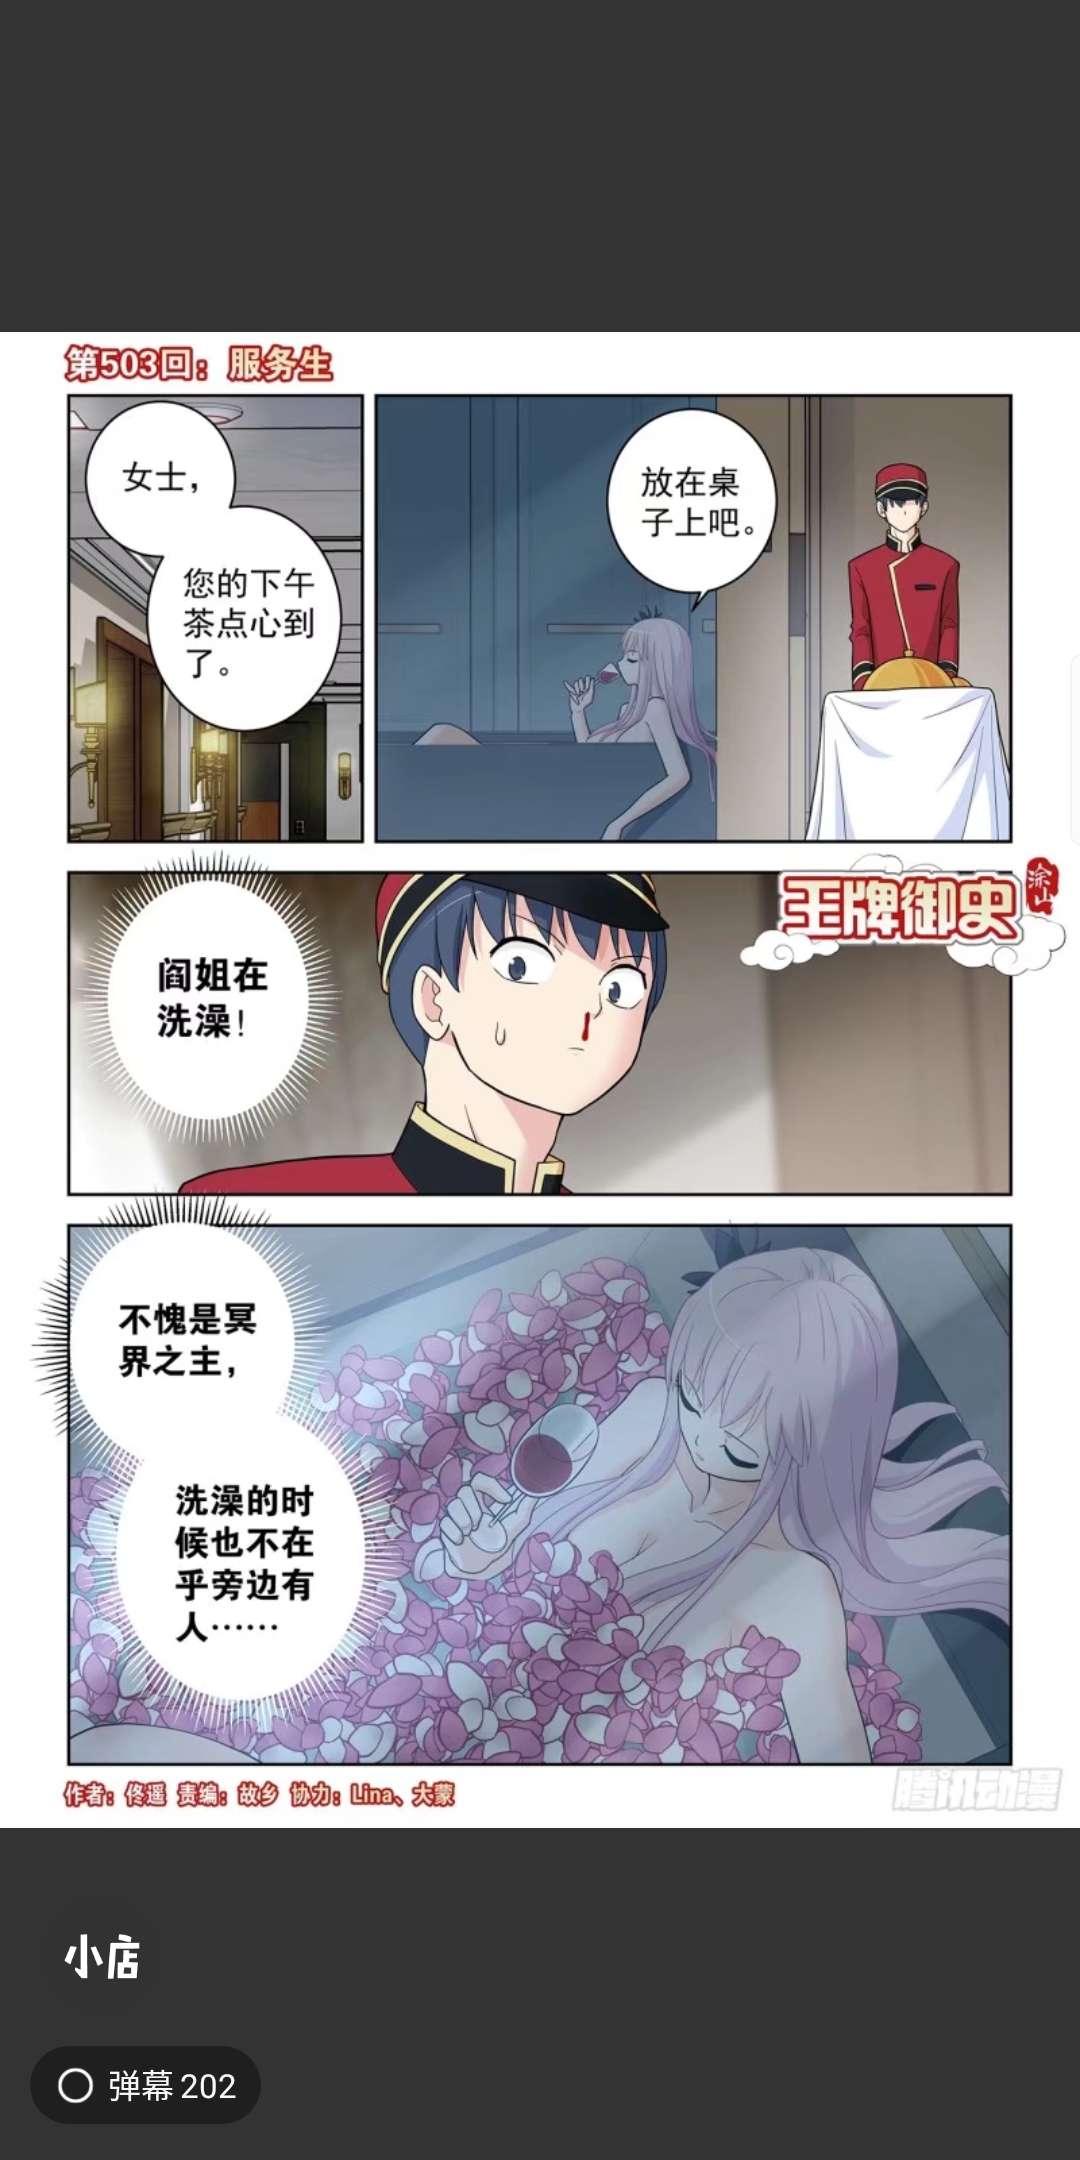 【漫画更新】王牌御史518-小柚妹站